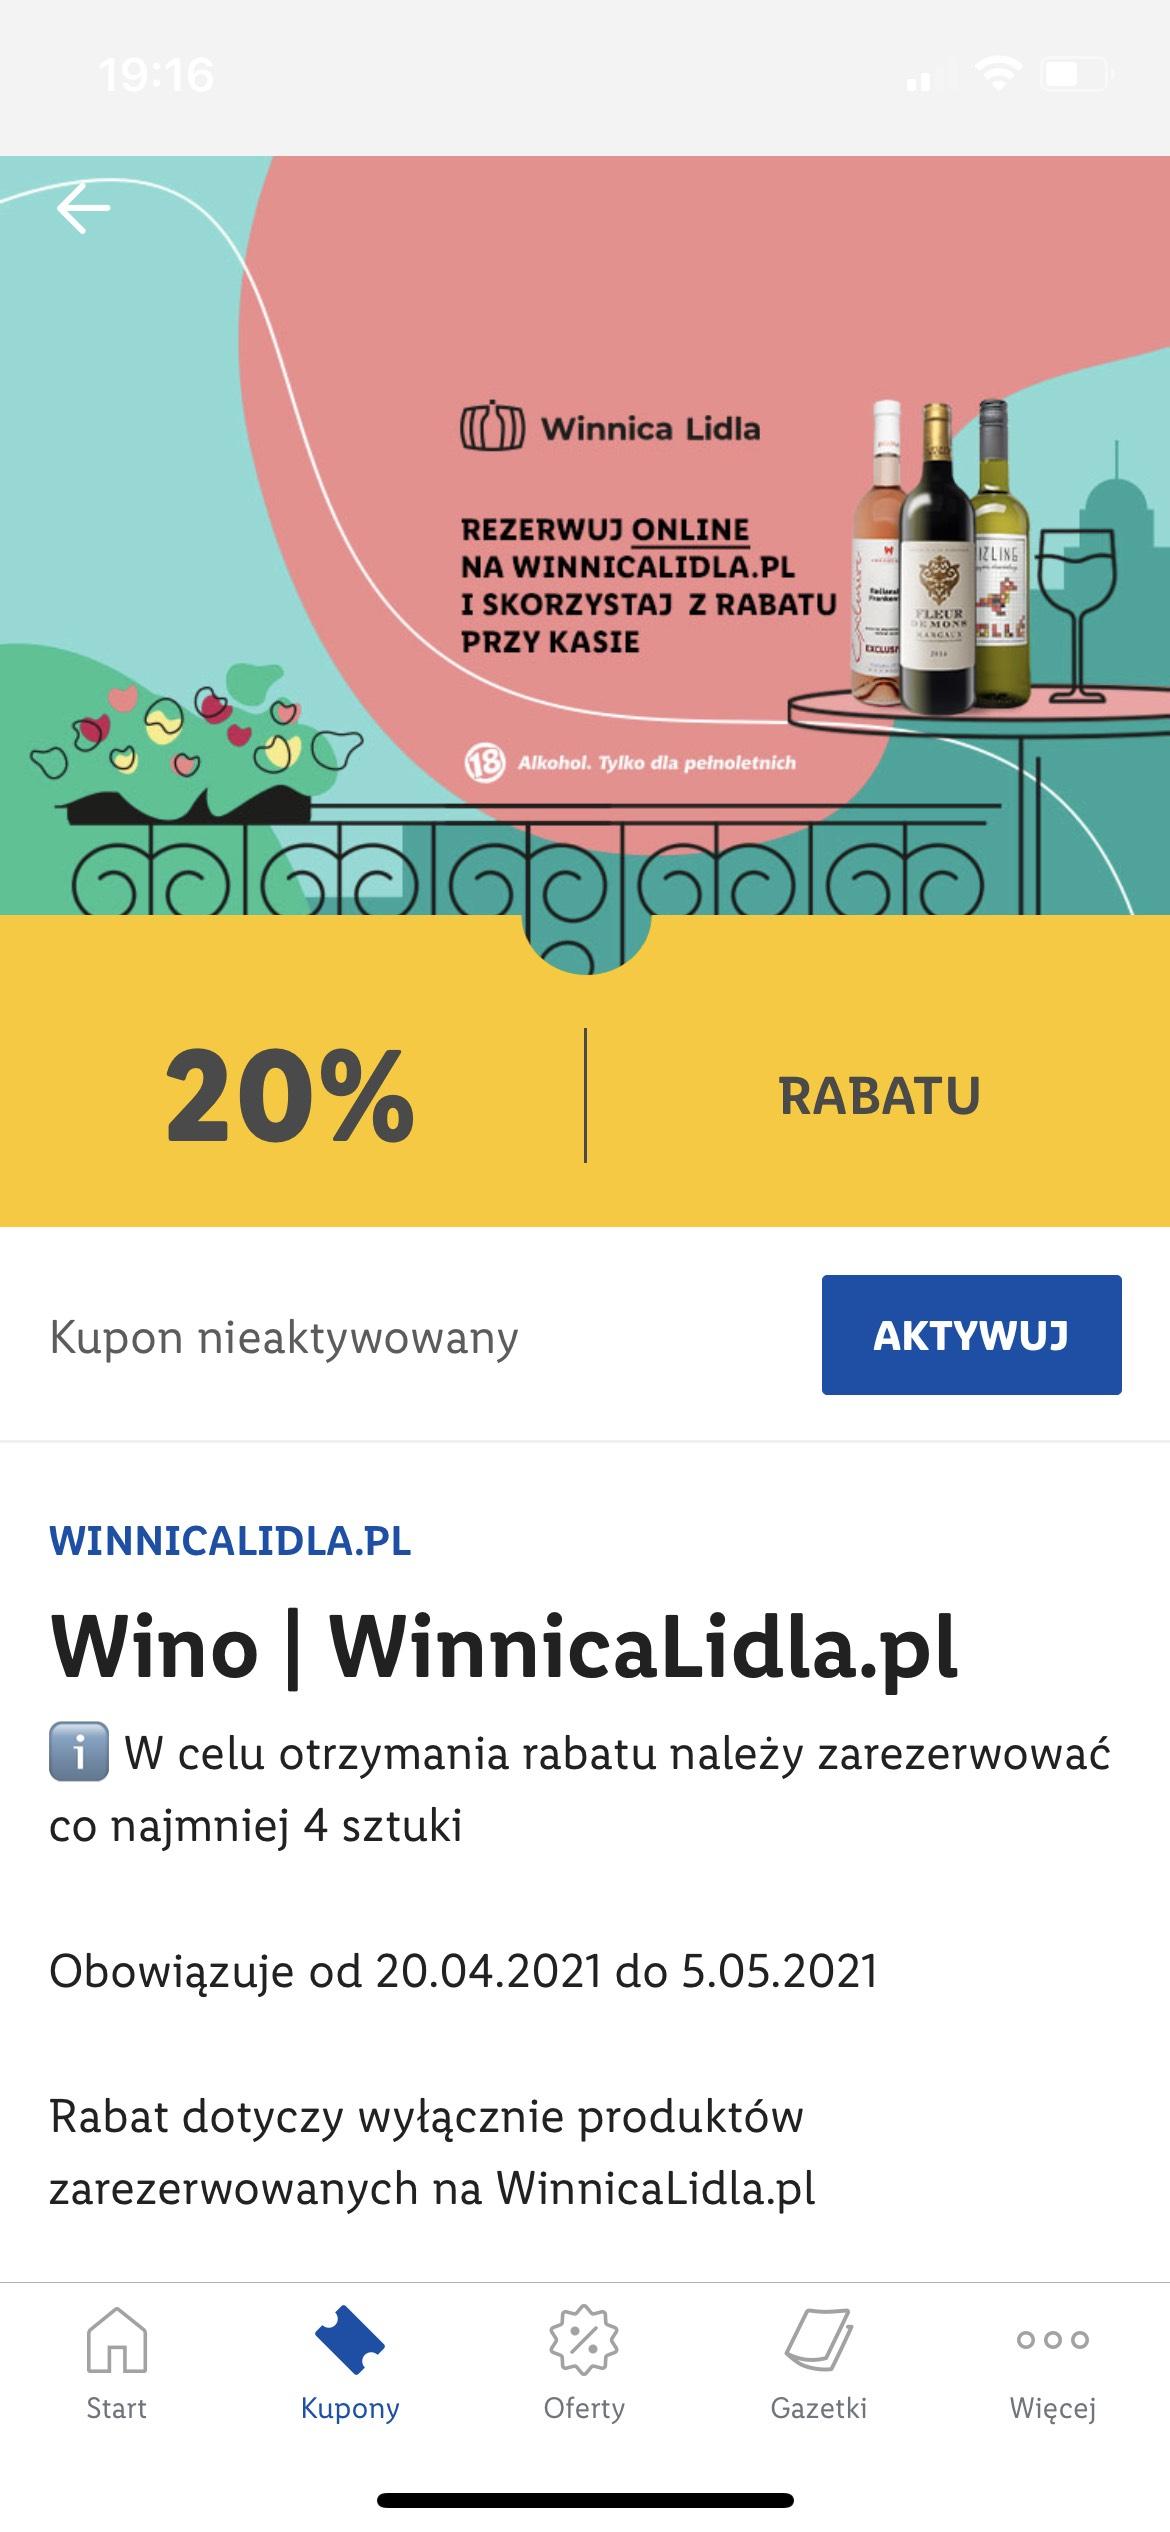 LIDL 20% rabatu na wino przy zakupie 4 sztuk po wcześniej rezerwacji